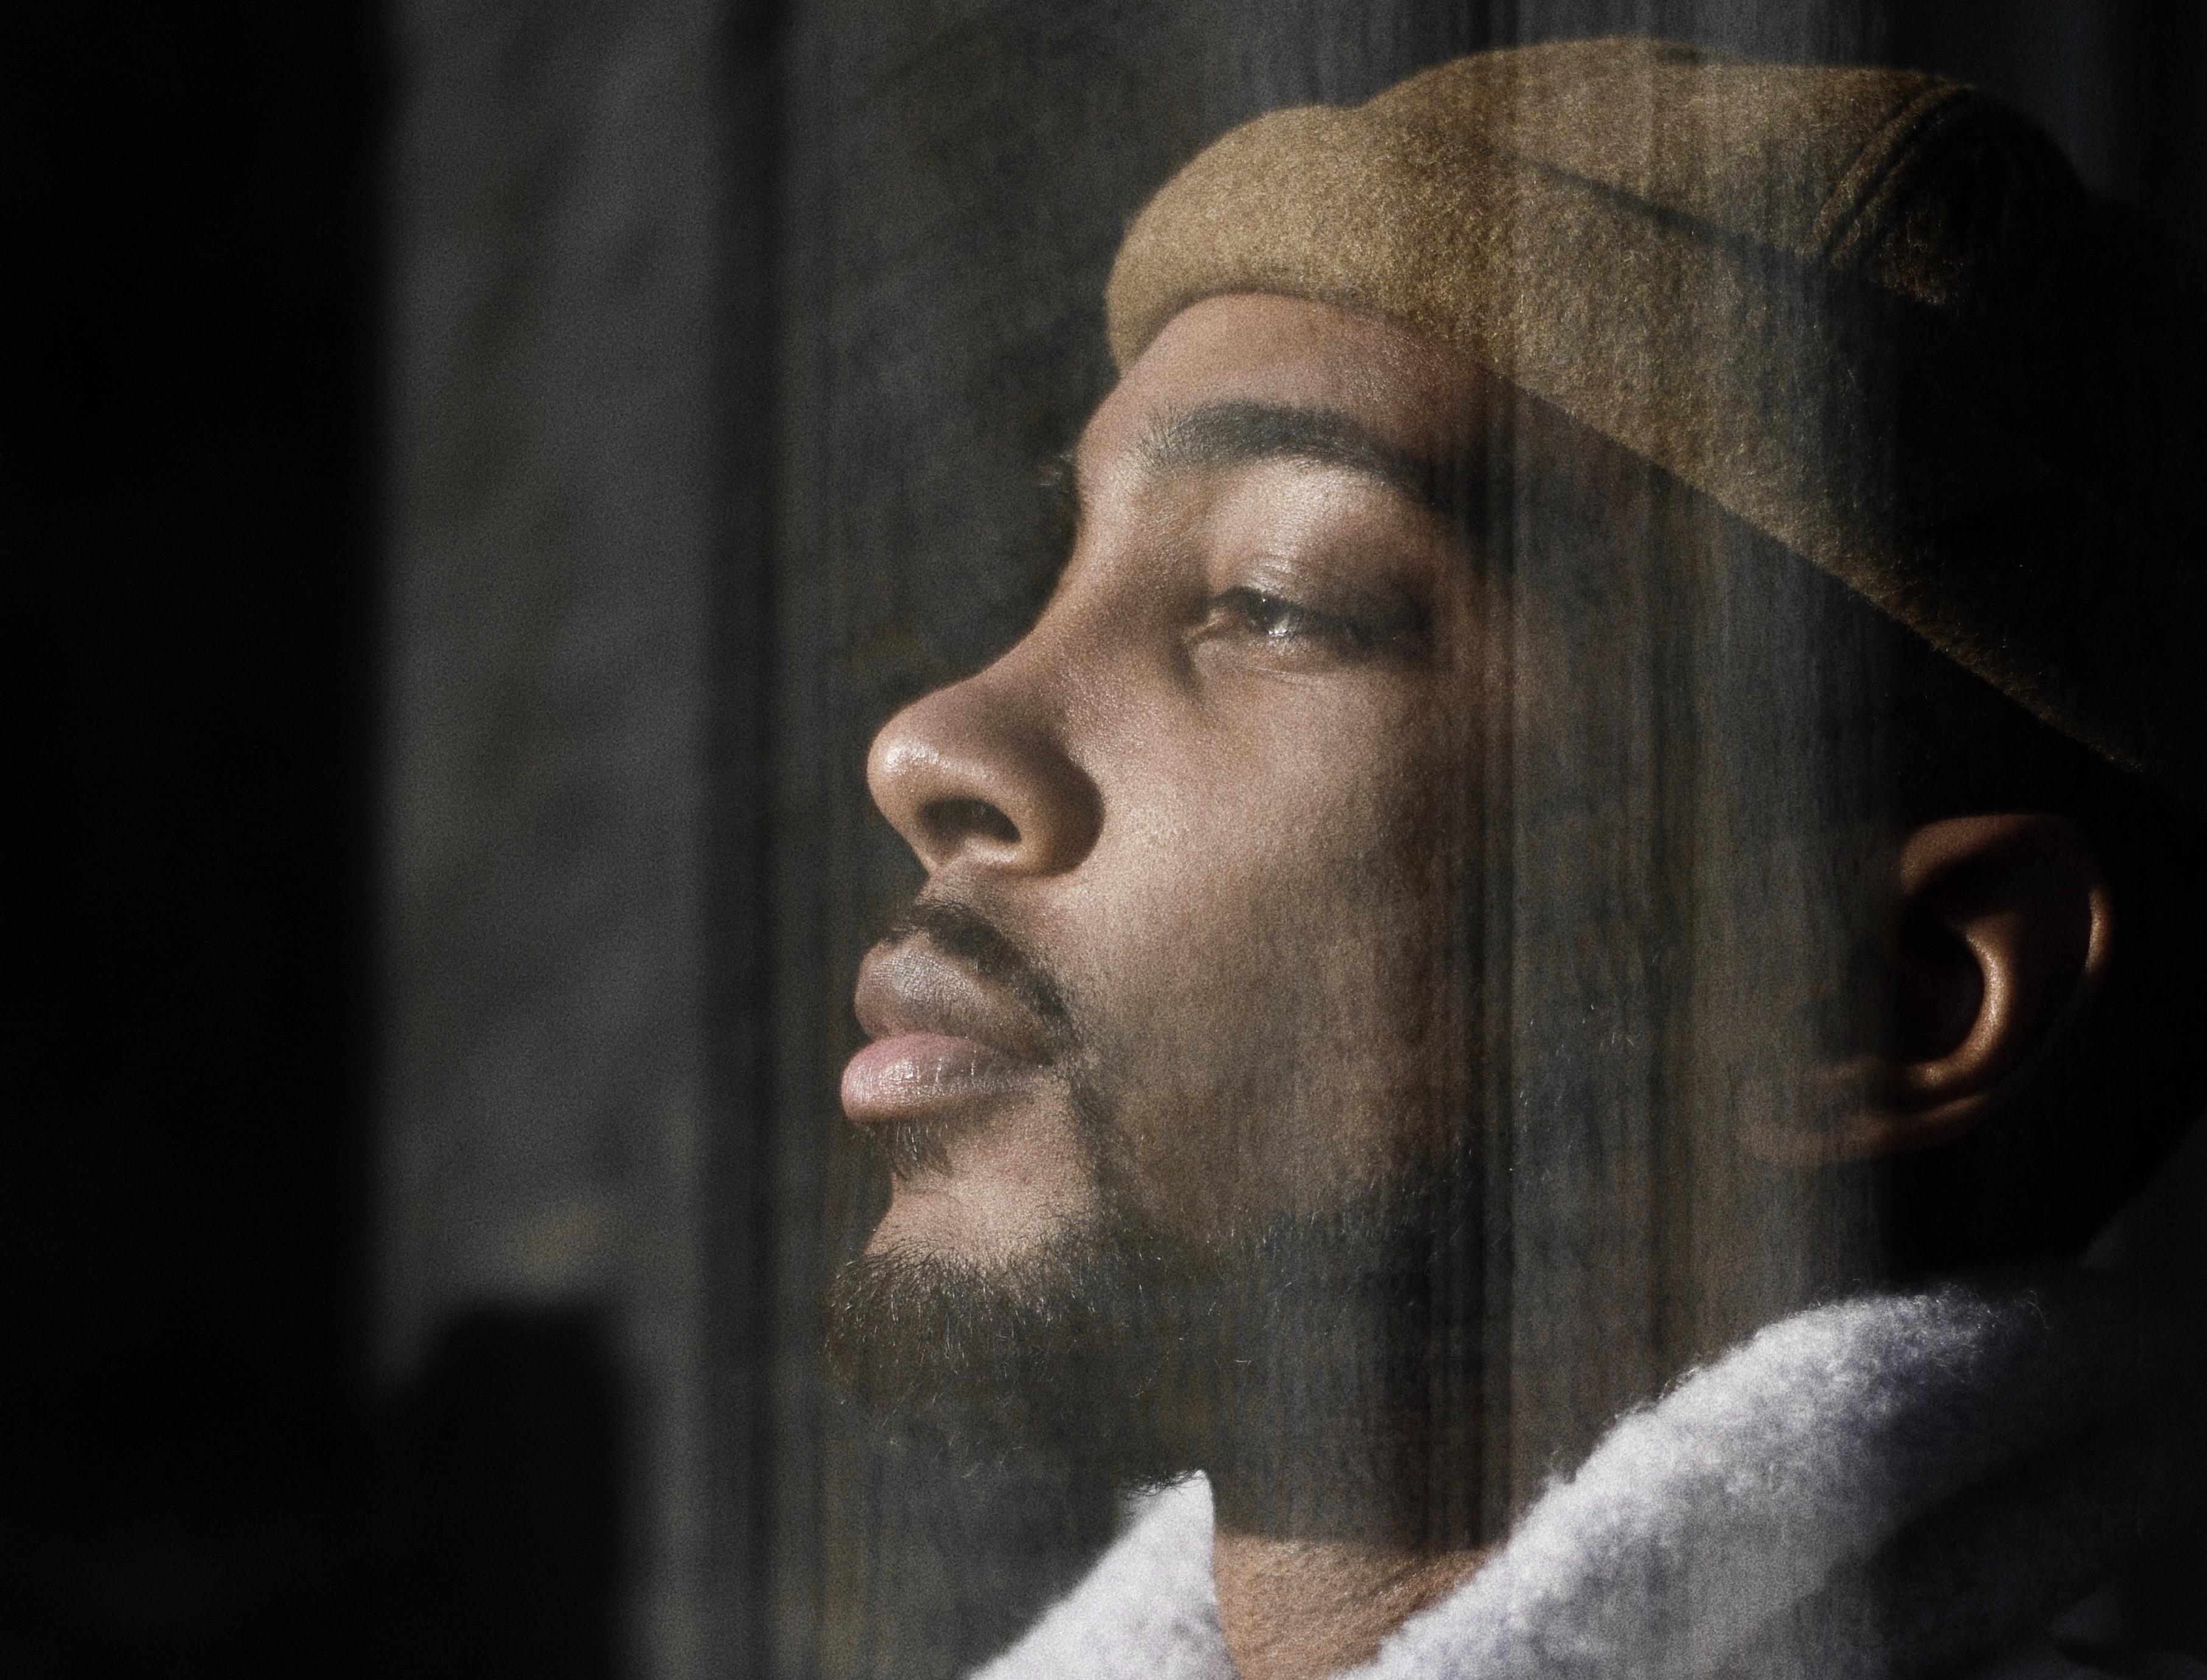 Homem negro com olhos fechados